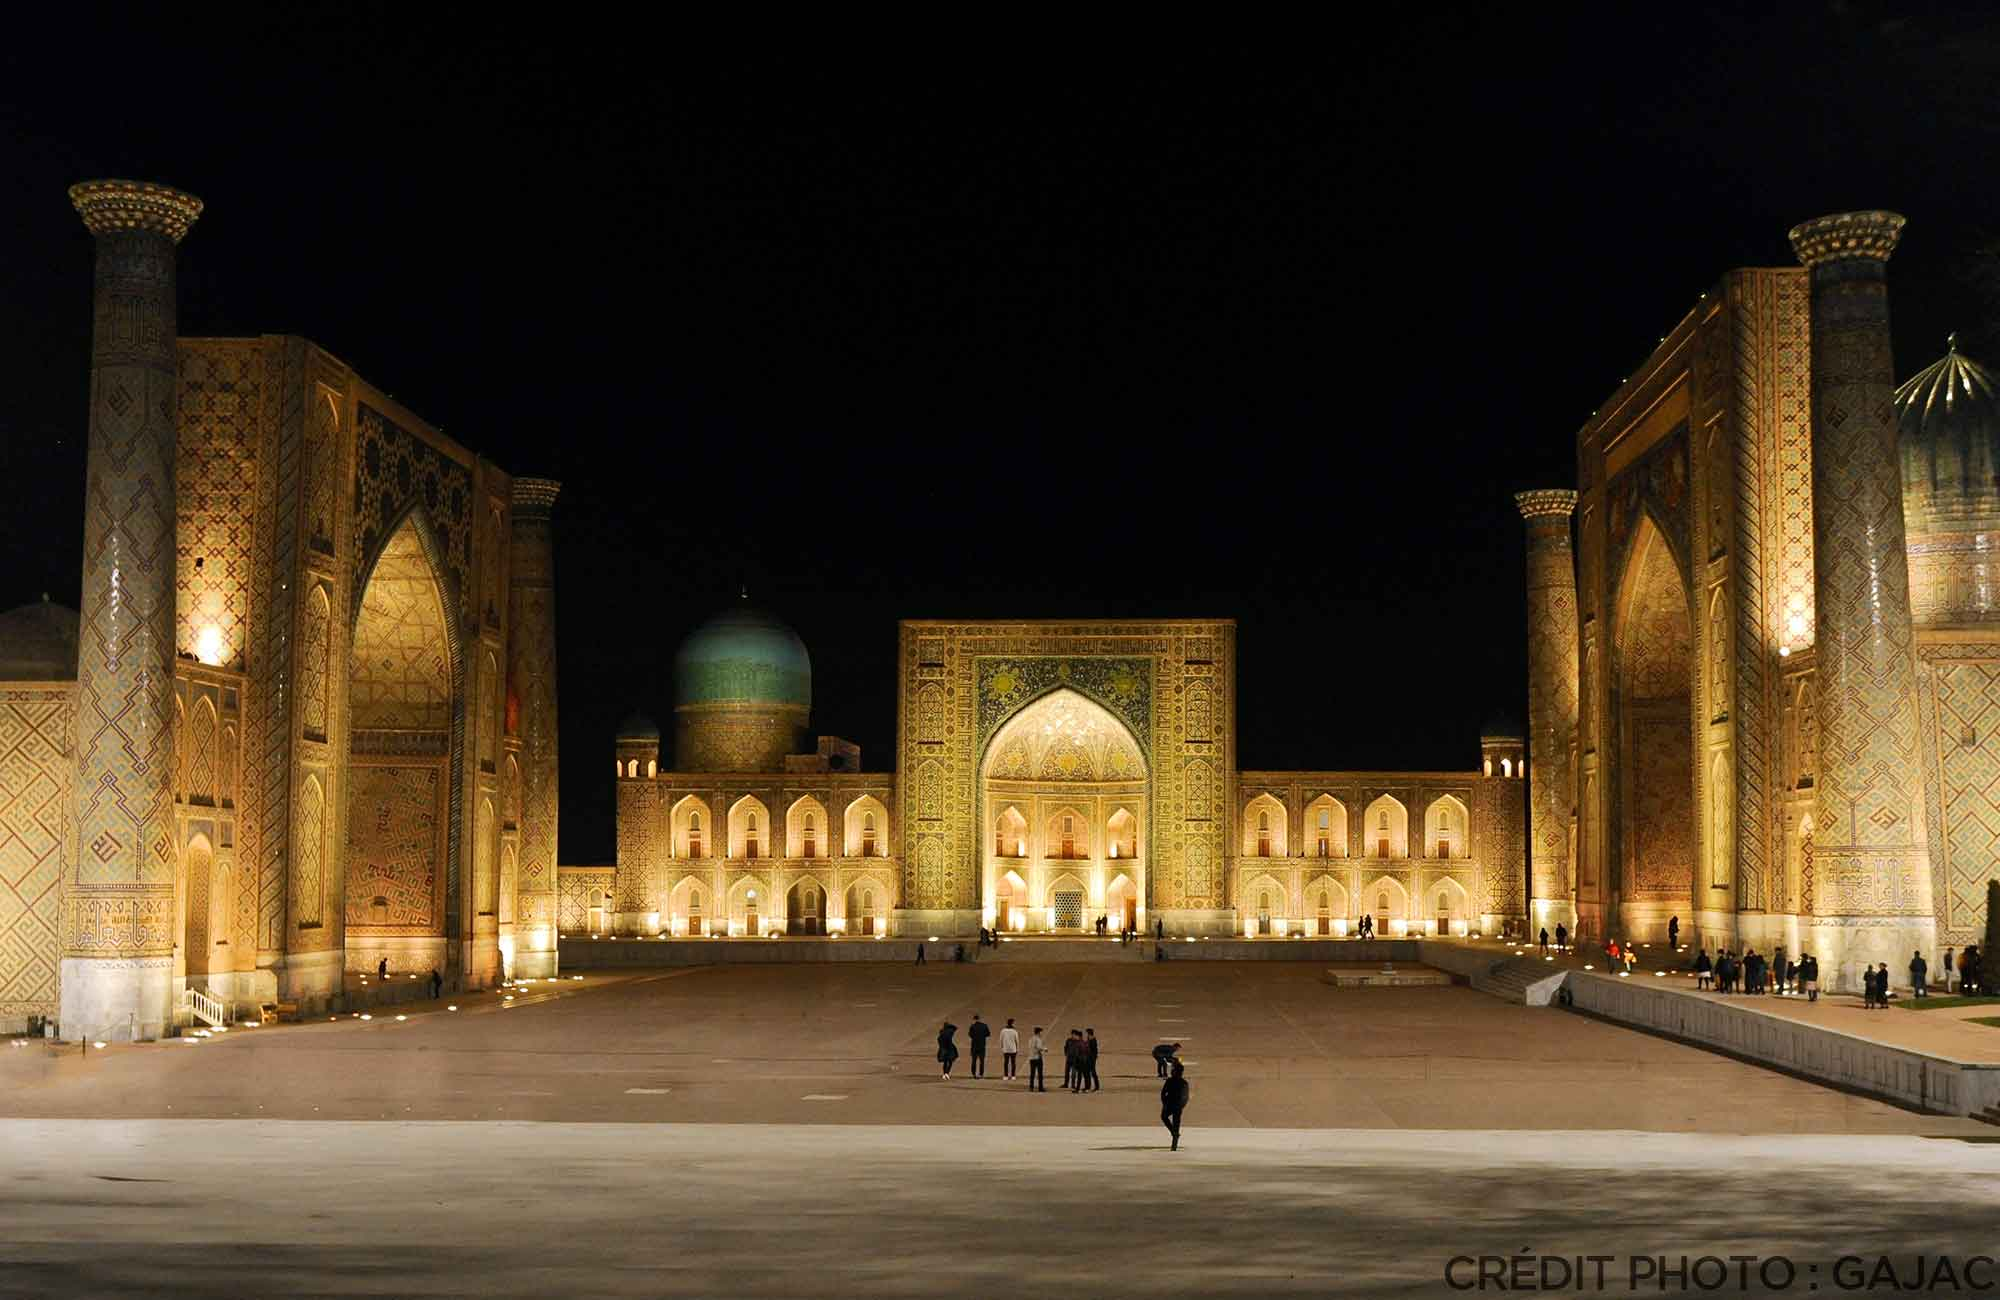 Voyage Ouzbékistan Route de la Soie - place du Registan Samarcande - Amplitudes